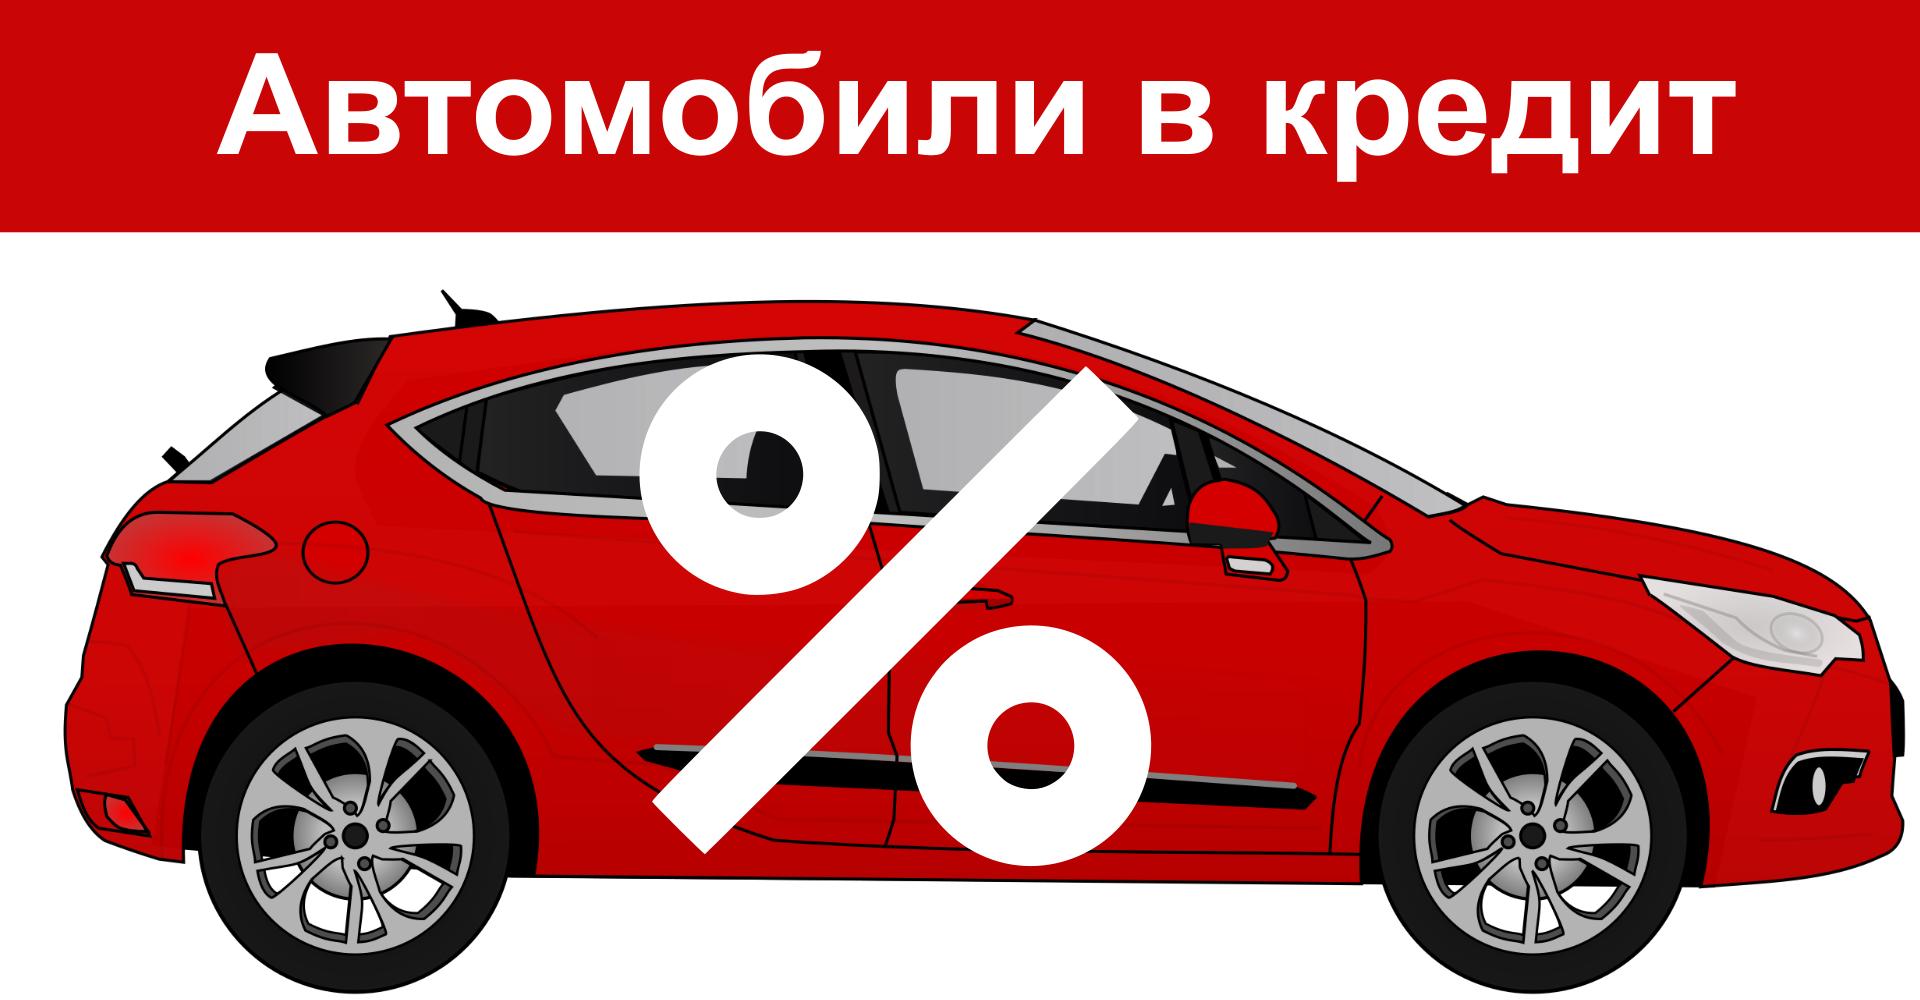 Авто в кредит официальный сайт